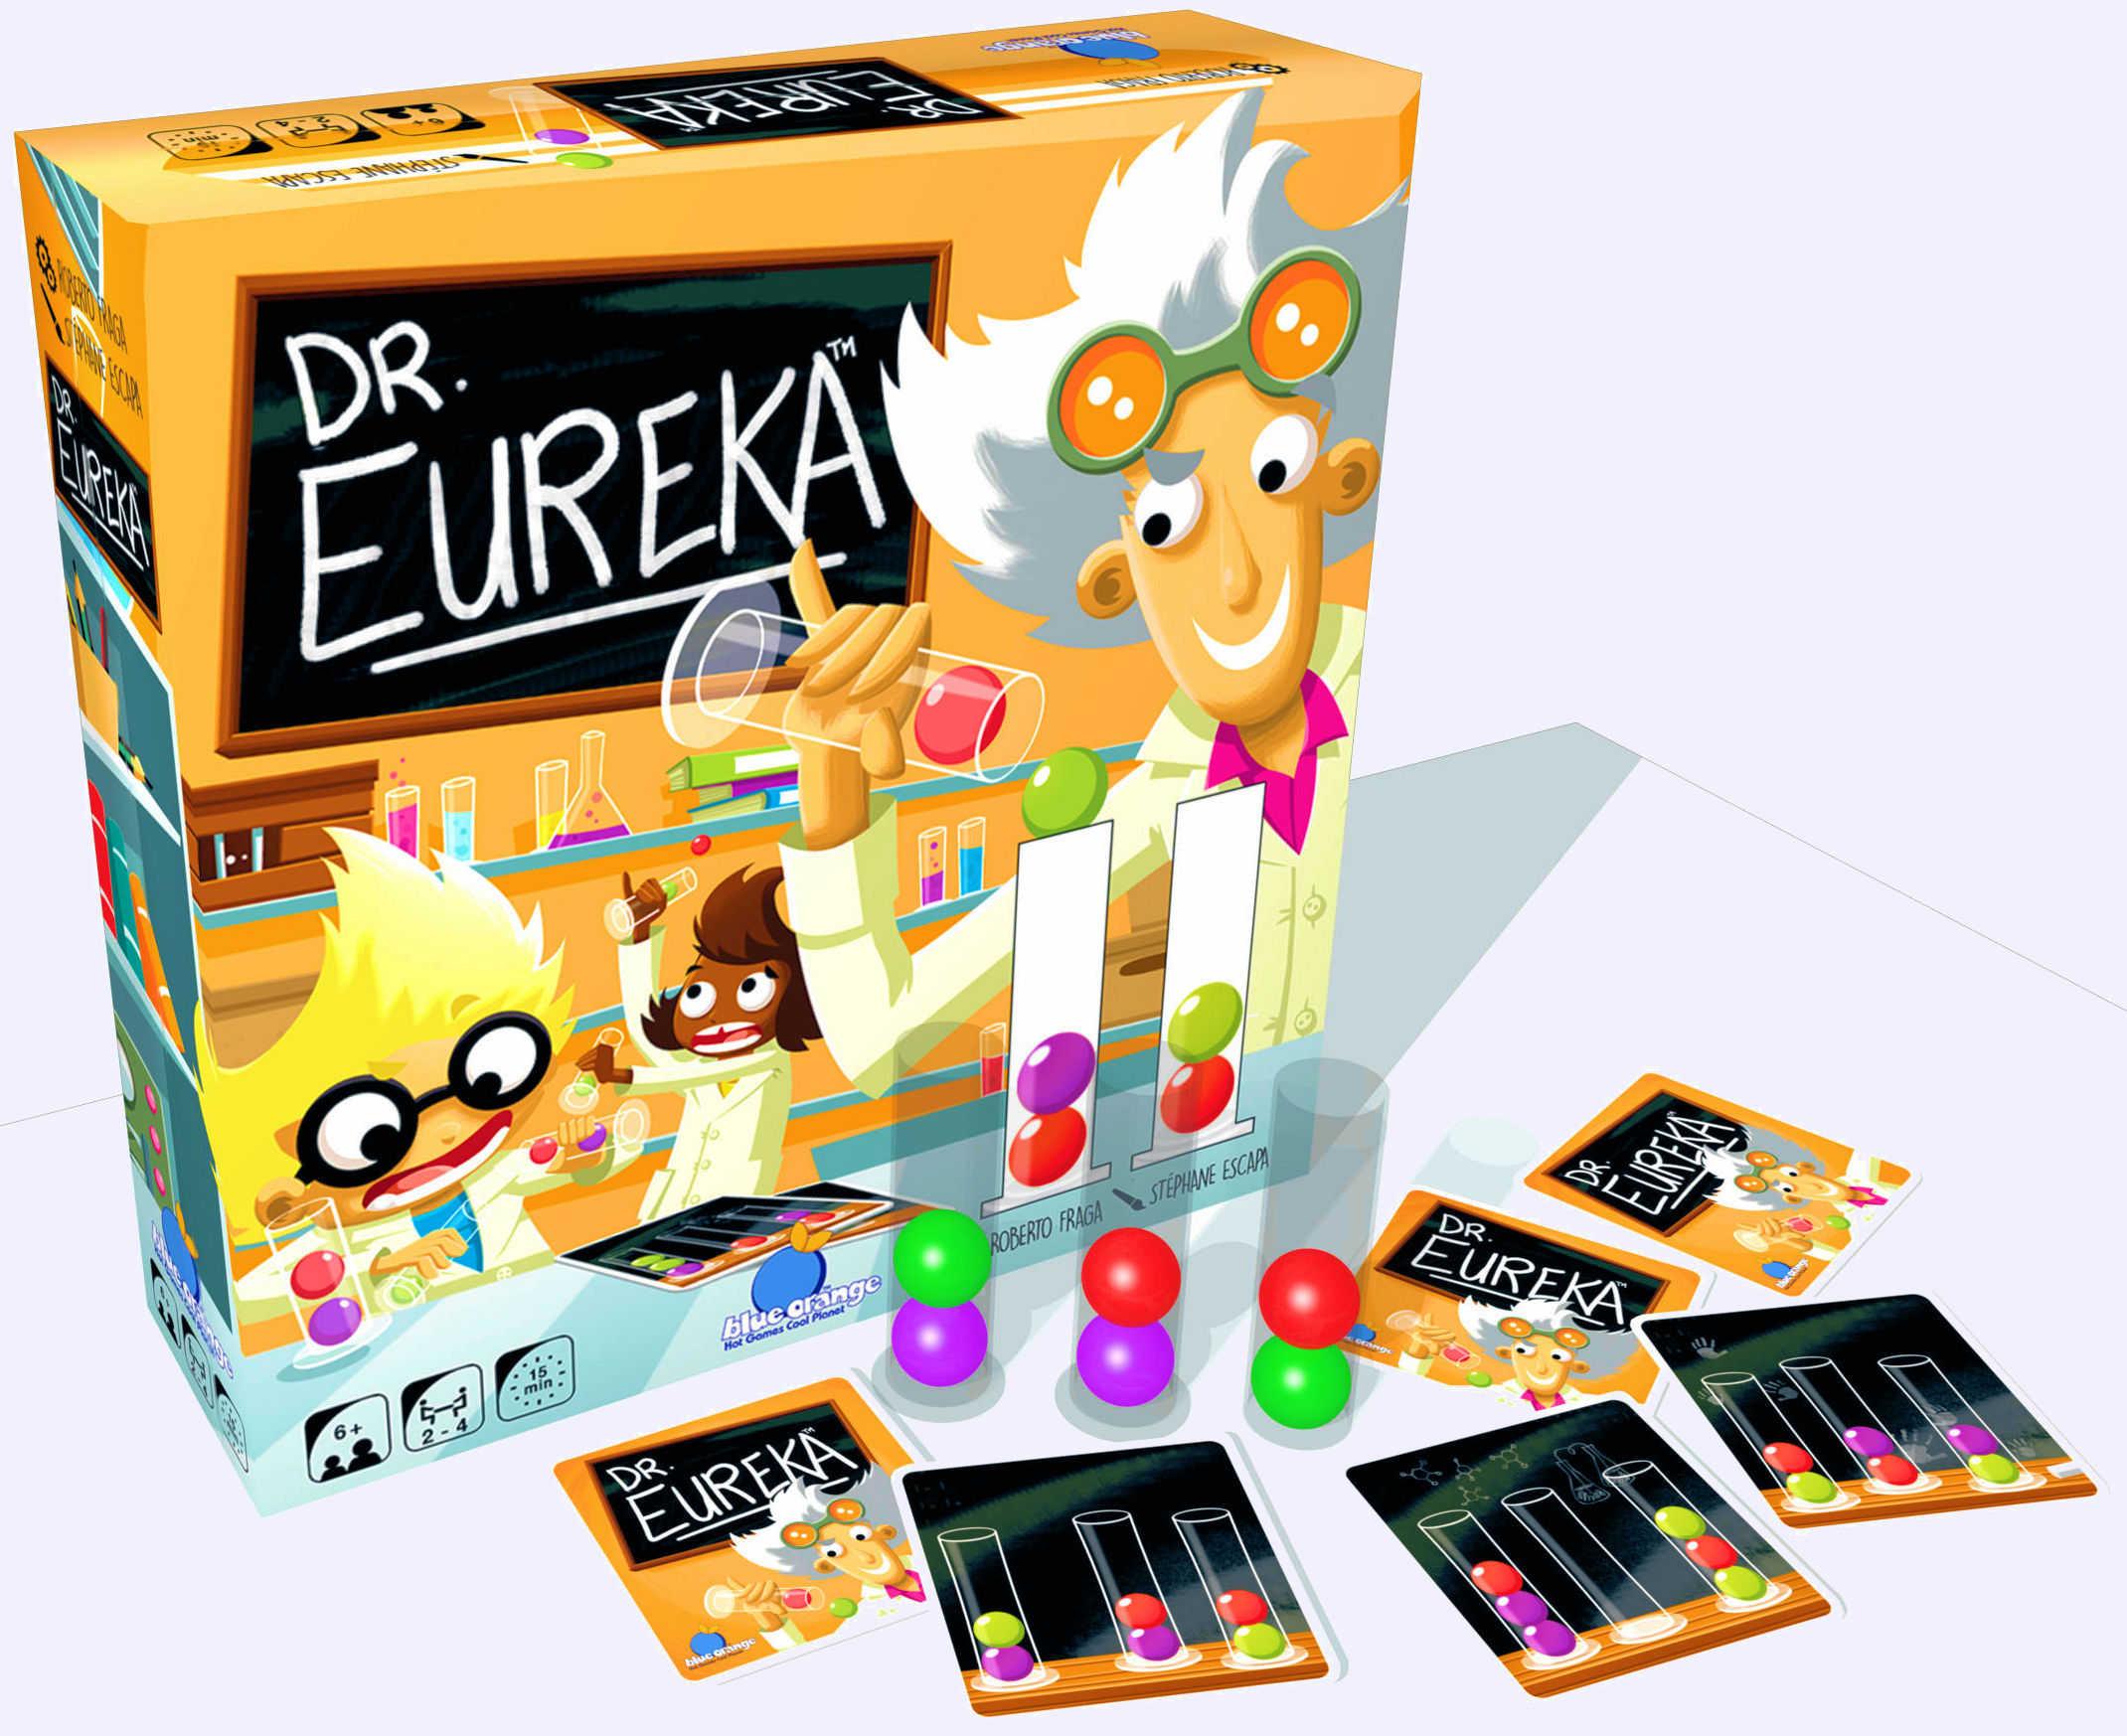 Dr eureka jeu de soci t chez jeux de nim - Jeux de bouee ...